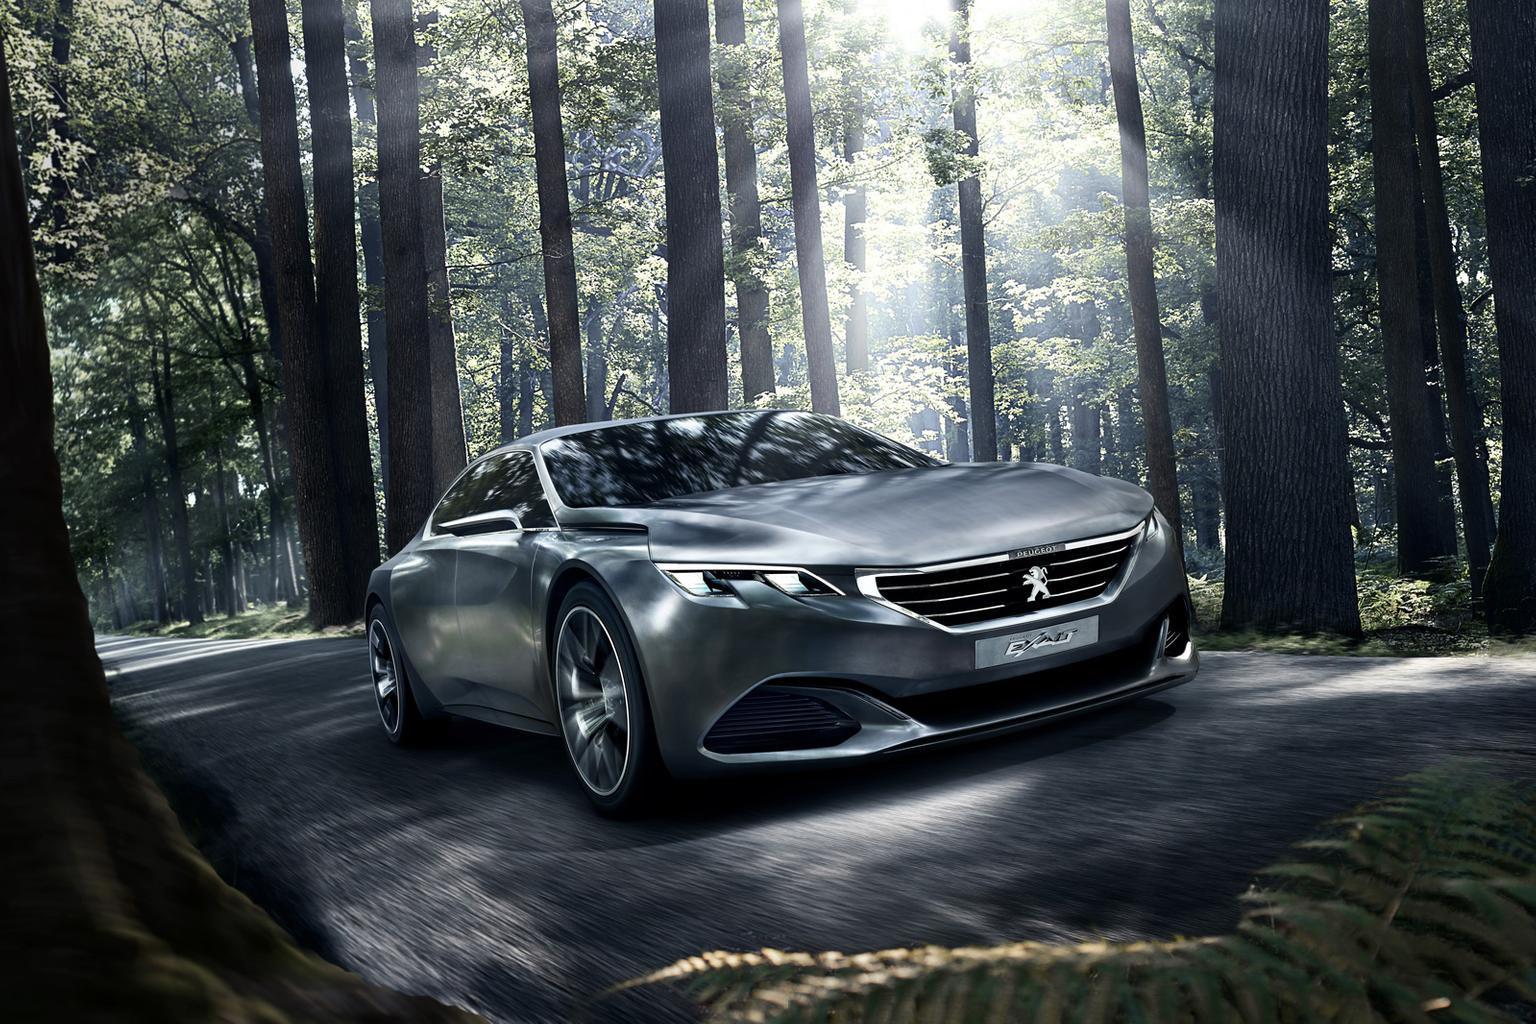 Peugeot Exalt and Infiniti Q80 concepts make debuts at Paris Motor Show